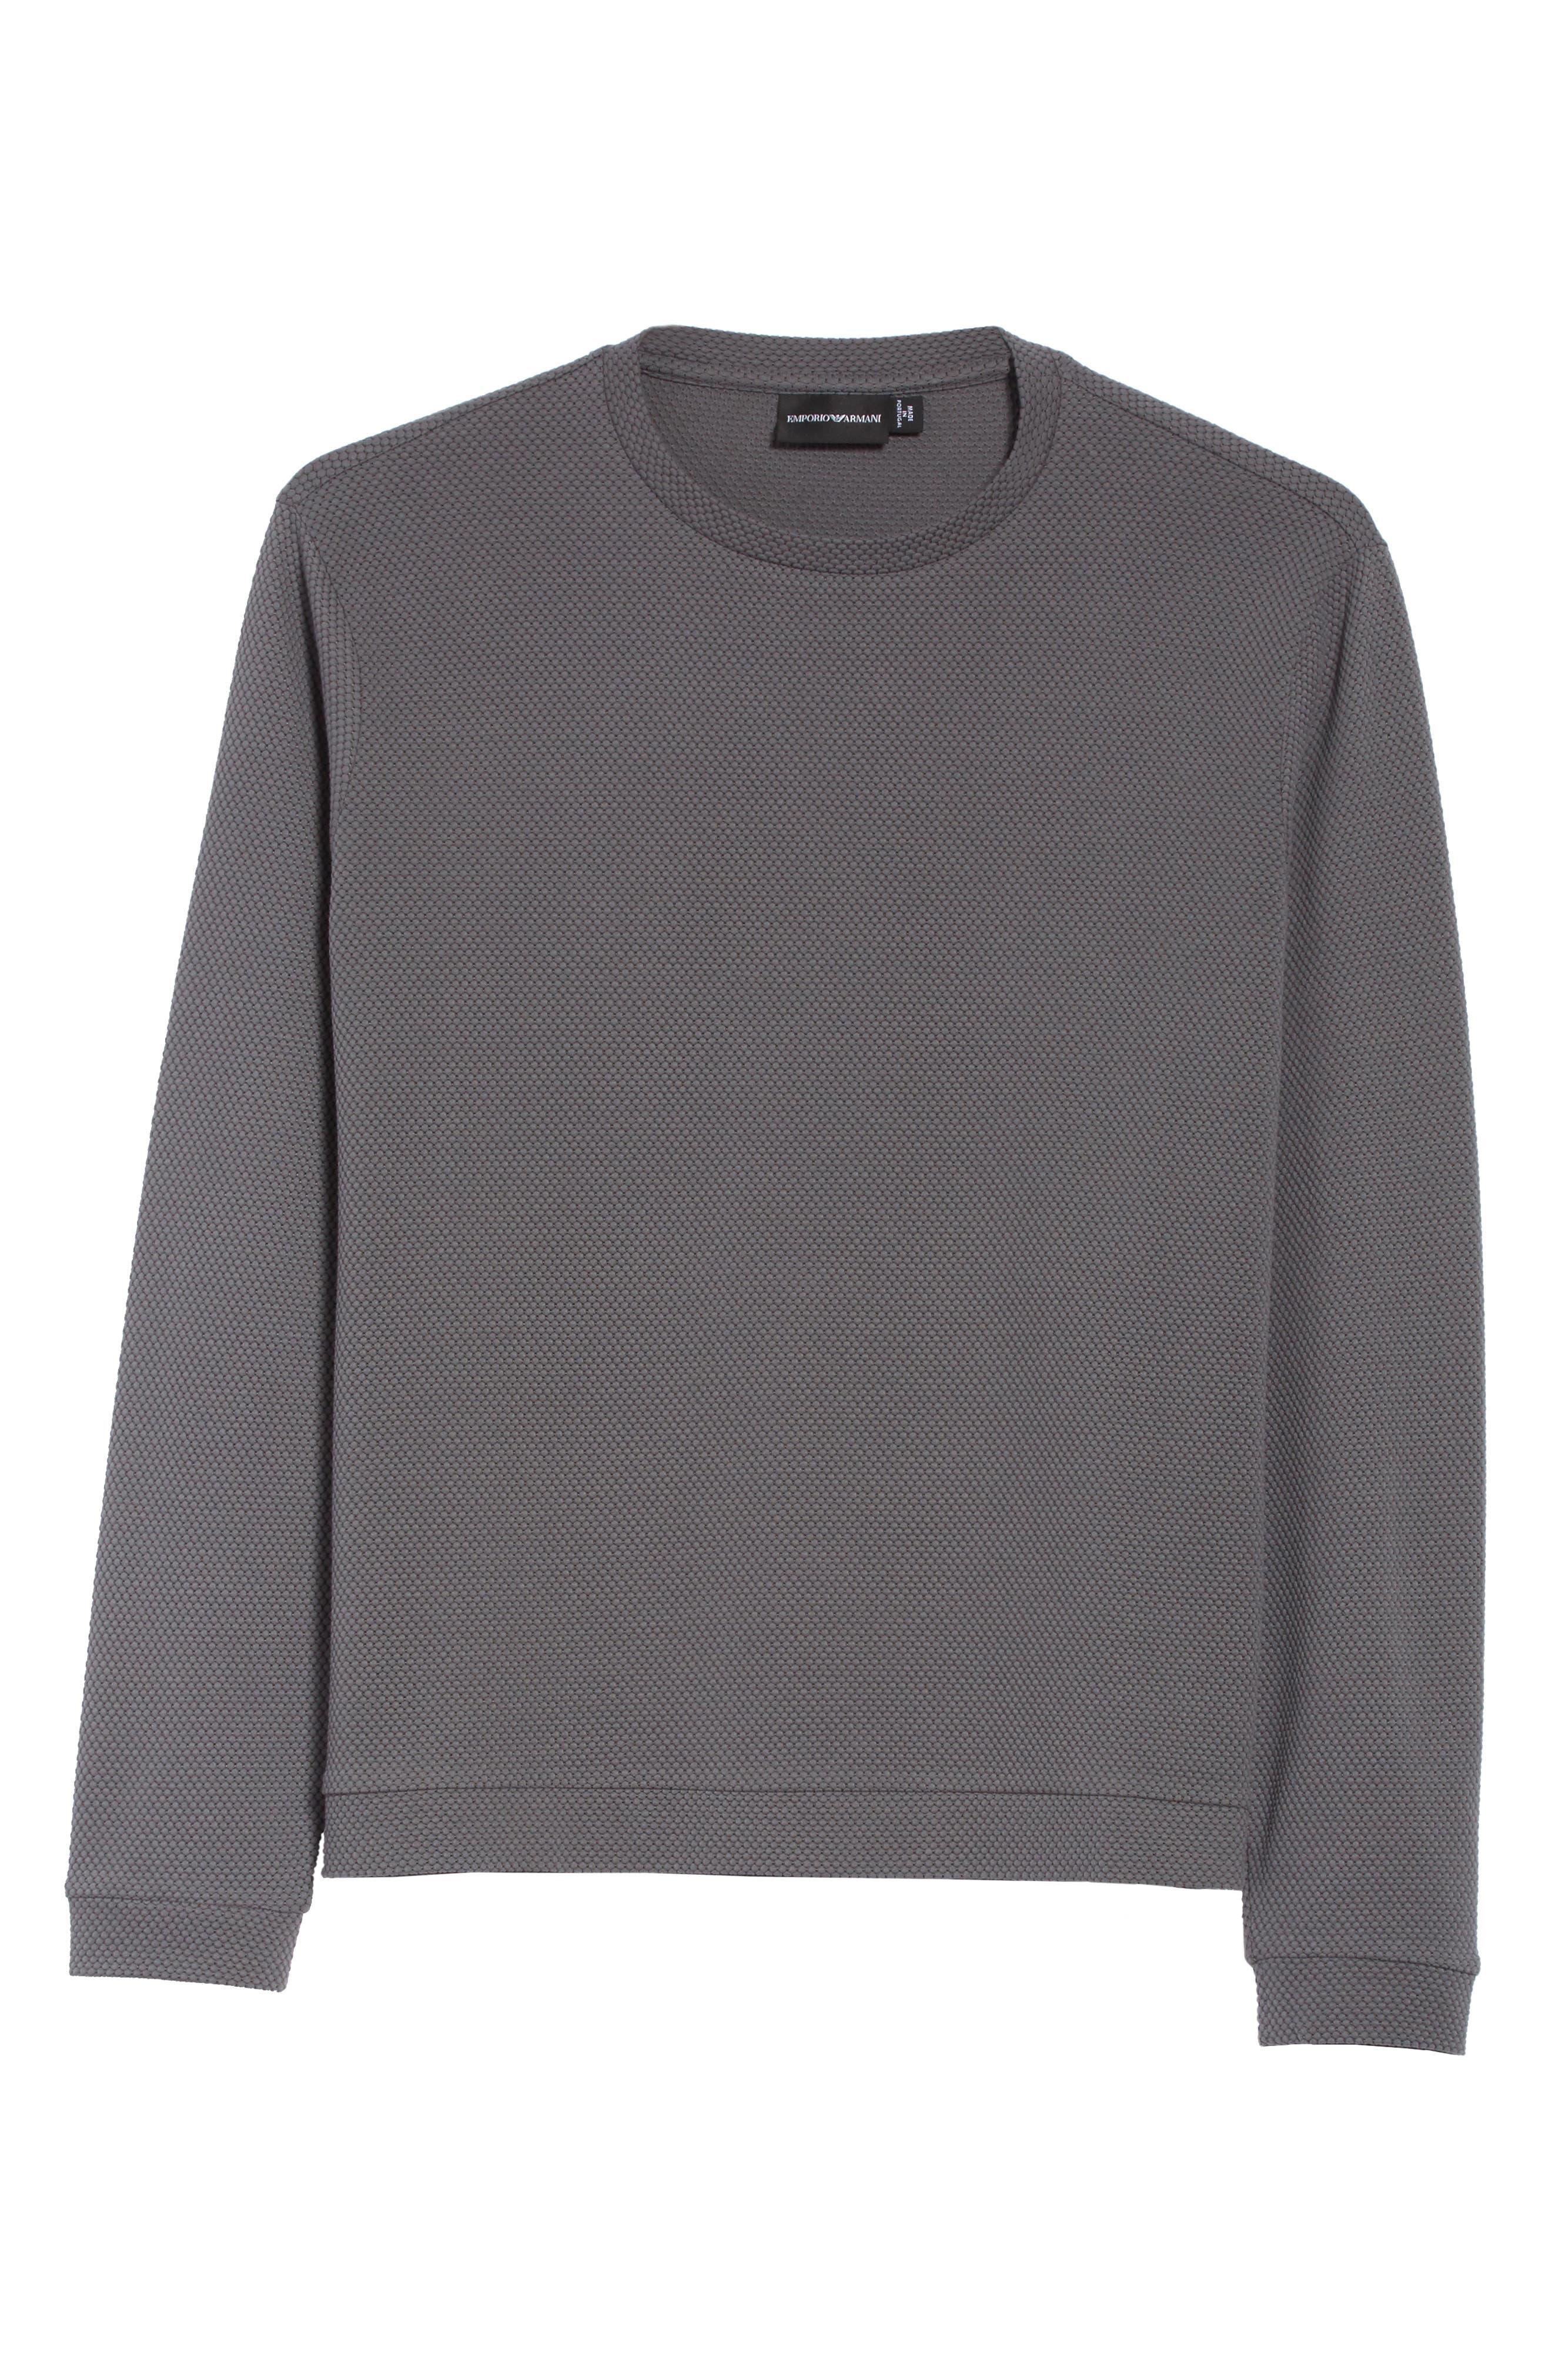 Honeycomb Jacquard Slim Fit T-Shirt,                             Alternate thumbnail 6, color,                             034